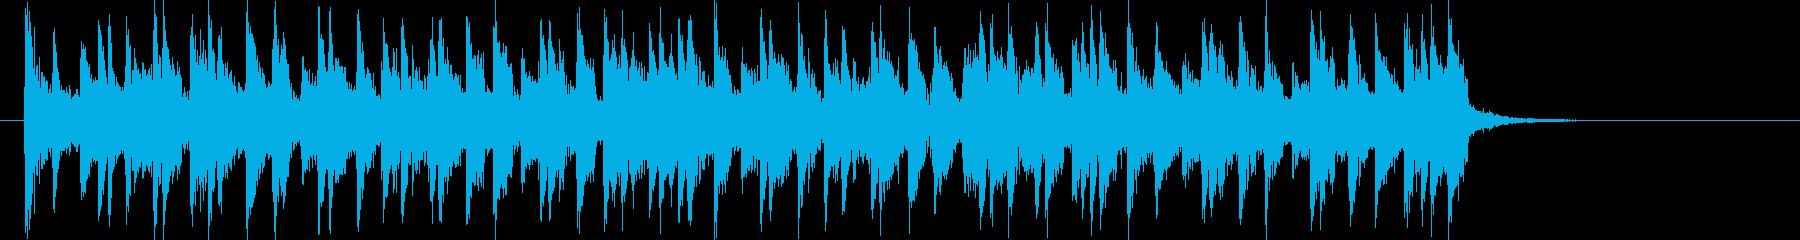 和やかで可愛らしいミュージックの再生済みの波形